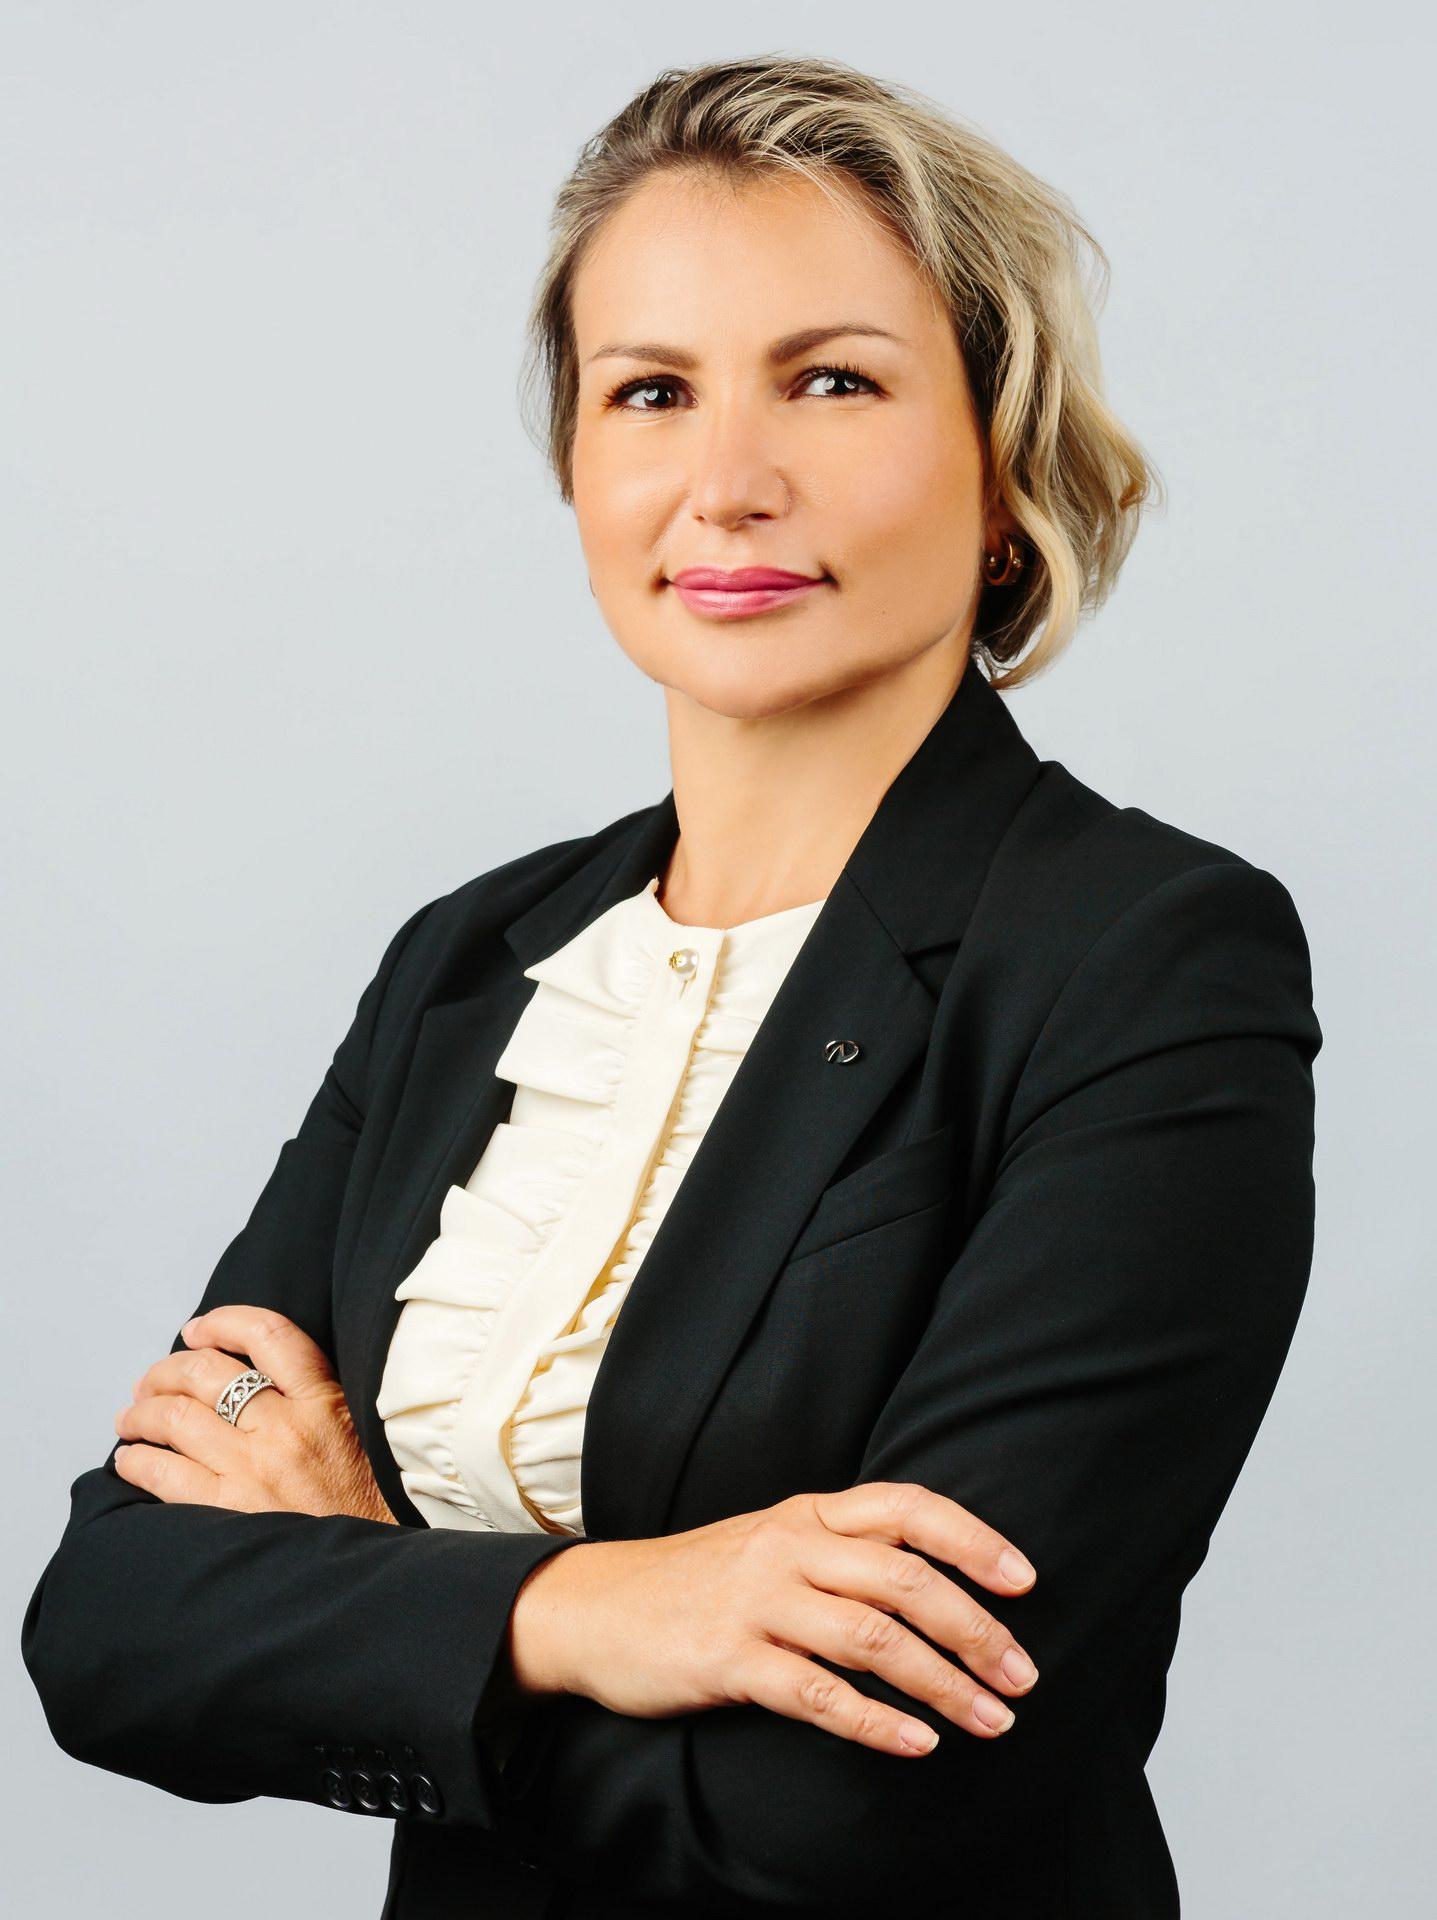 Ольга Филиппова – Генеральный менеджер по продажам и маркетингу Infiniti